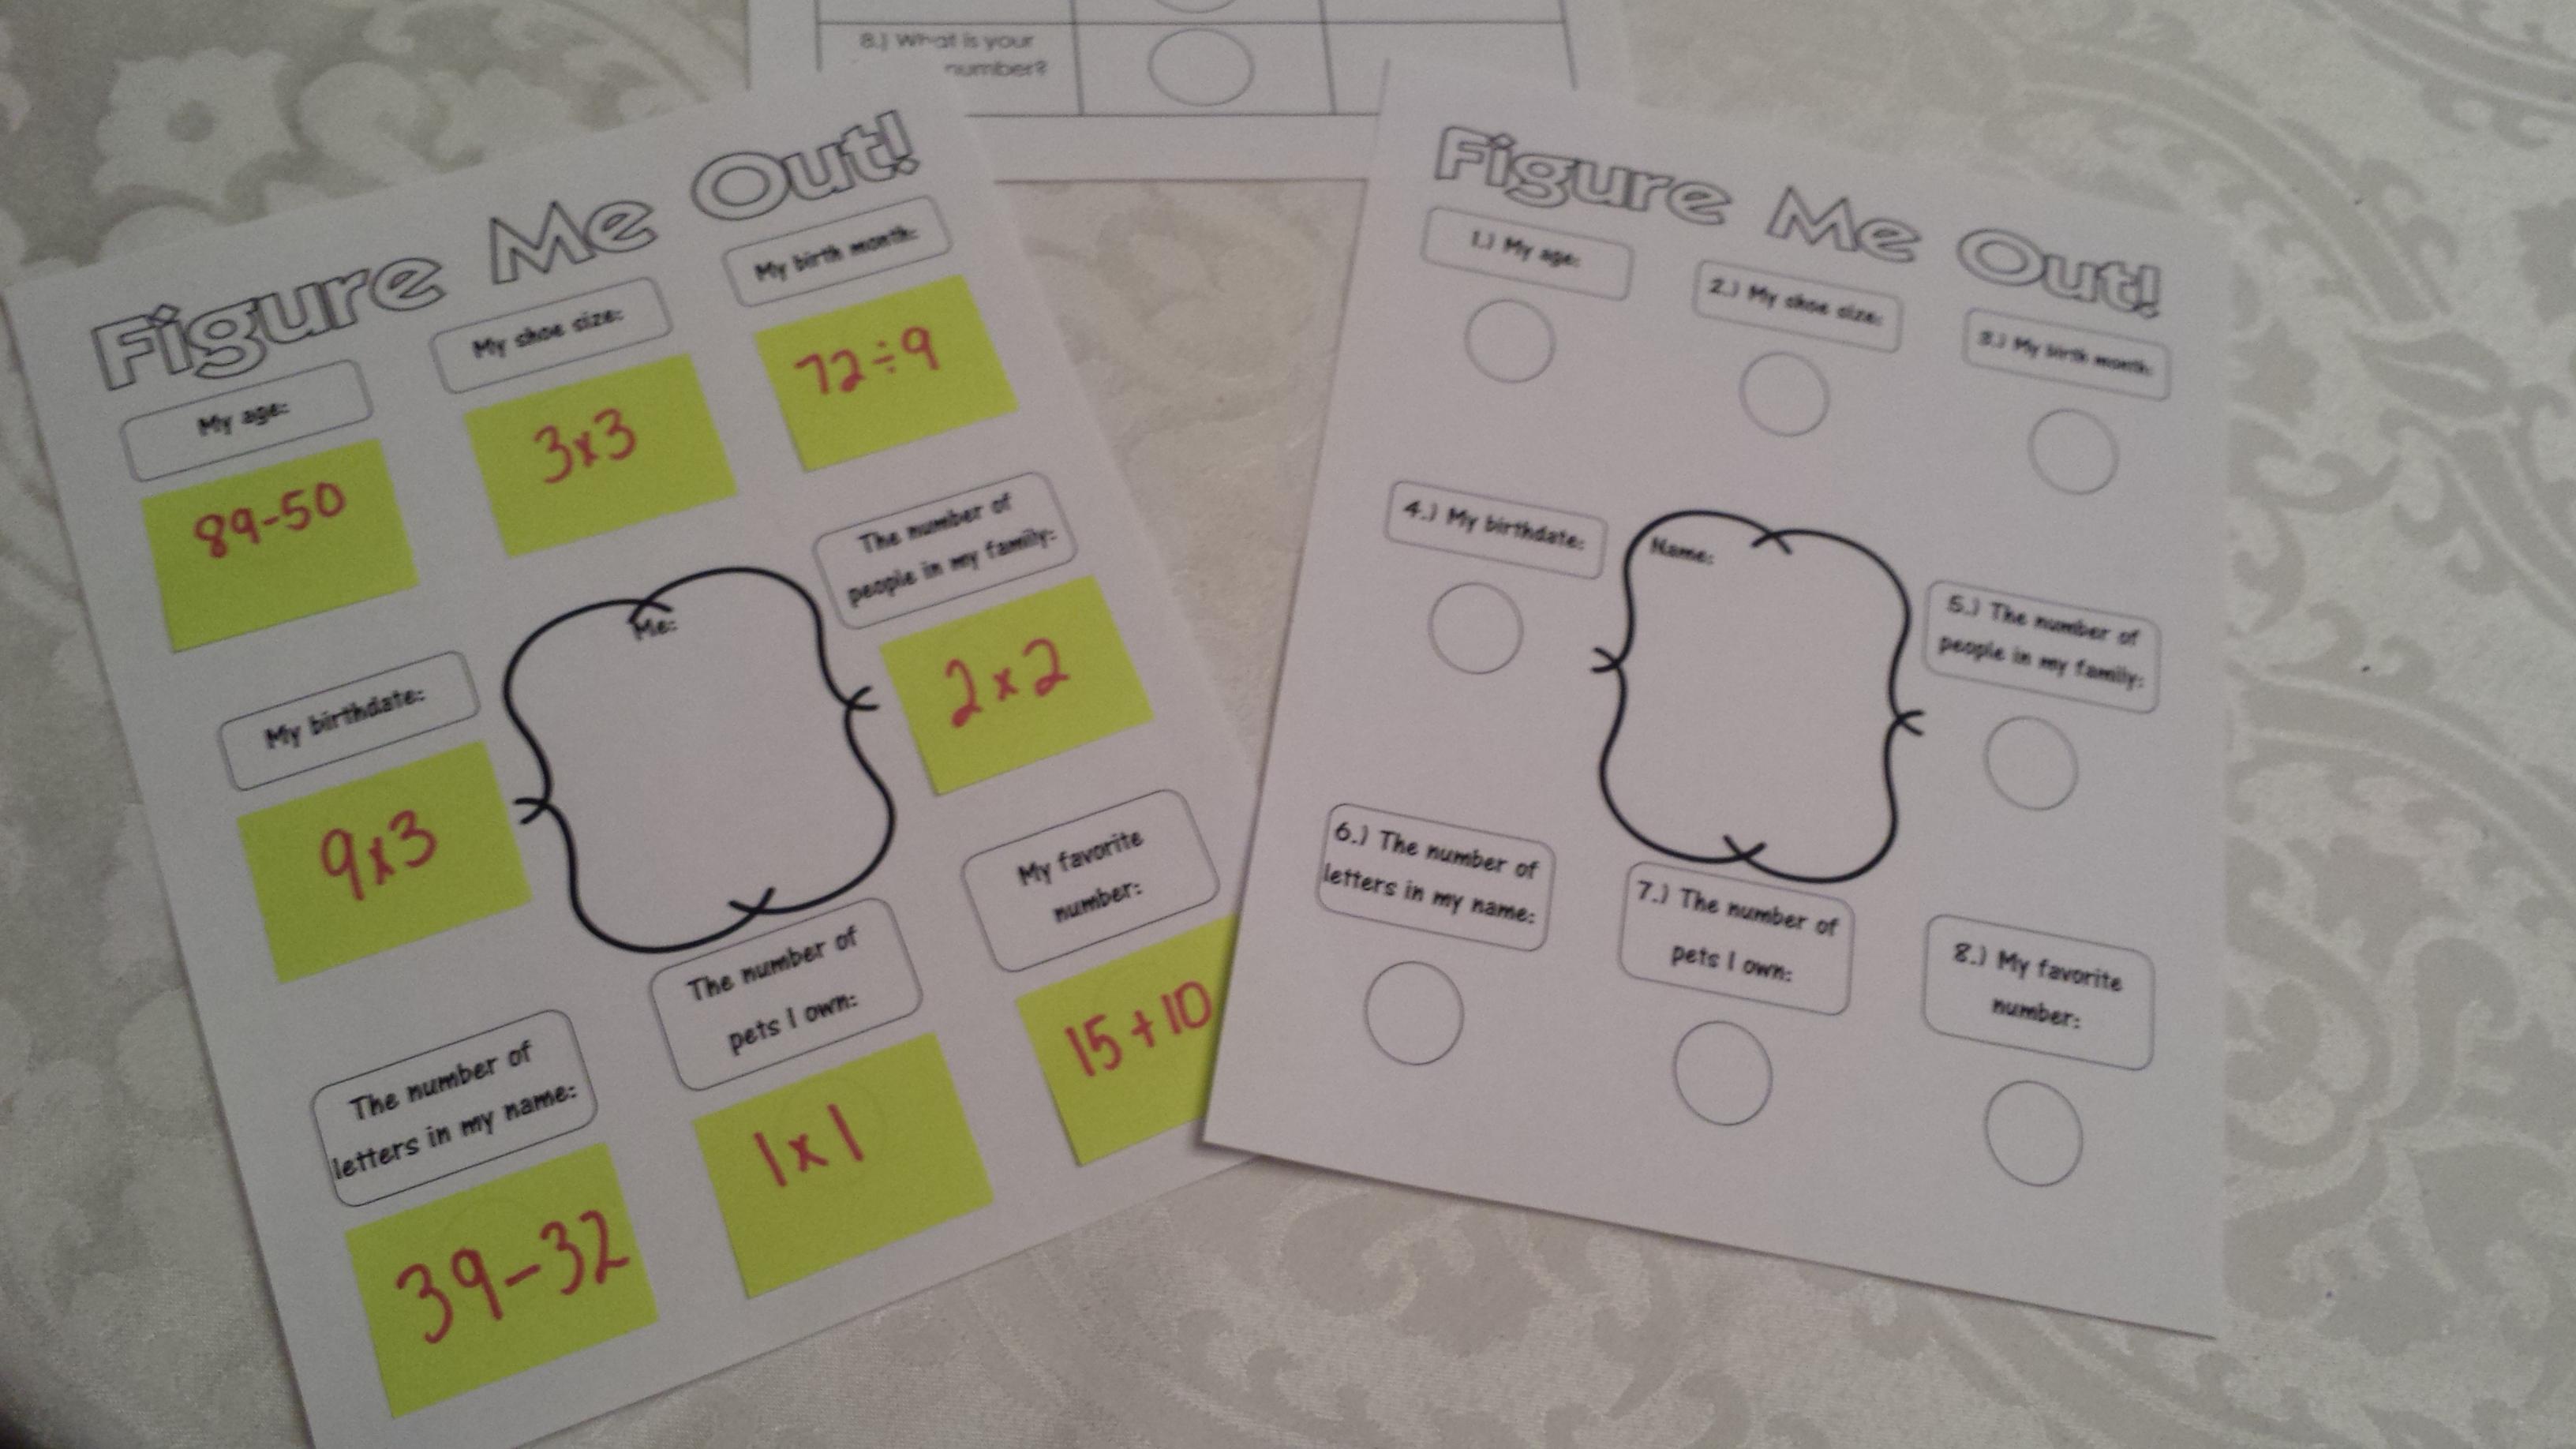 Figure Me Out Math Activity Teaching Heart Blog